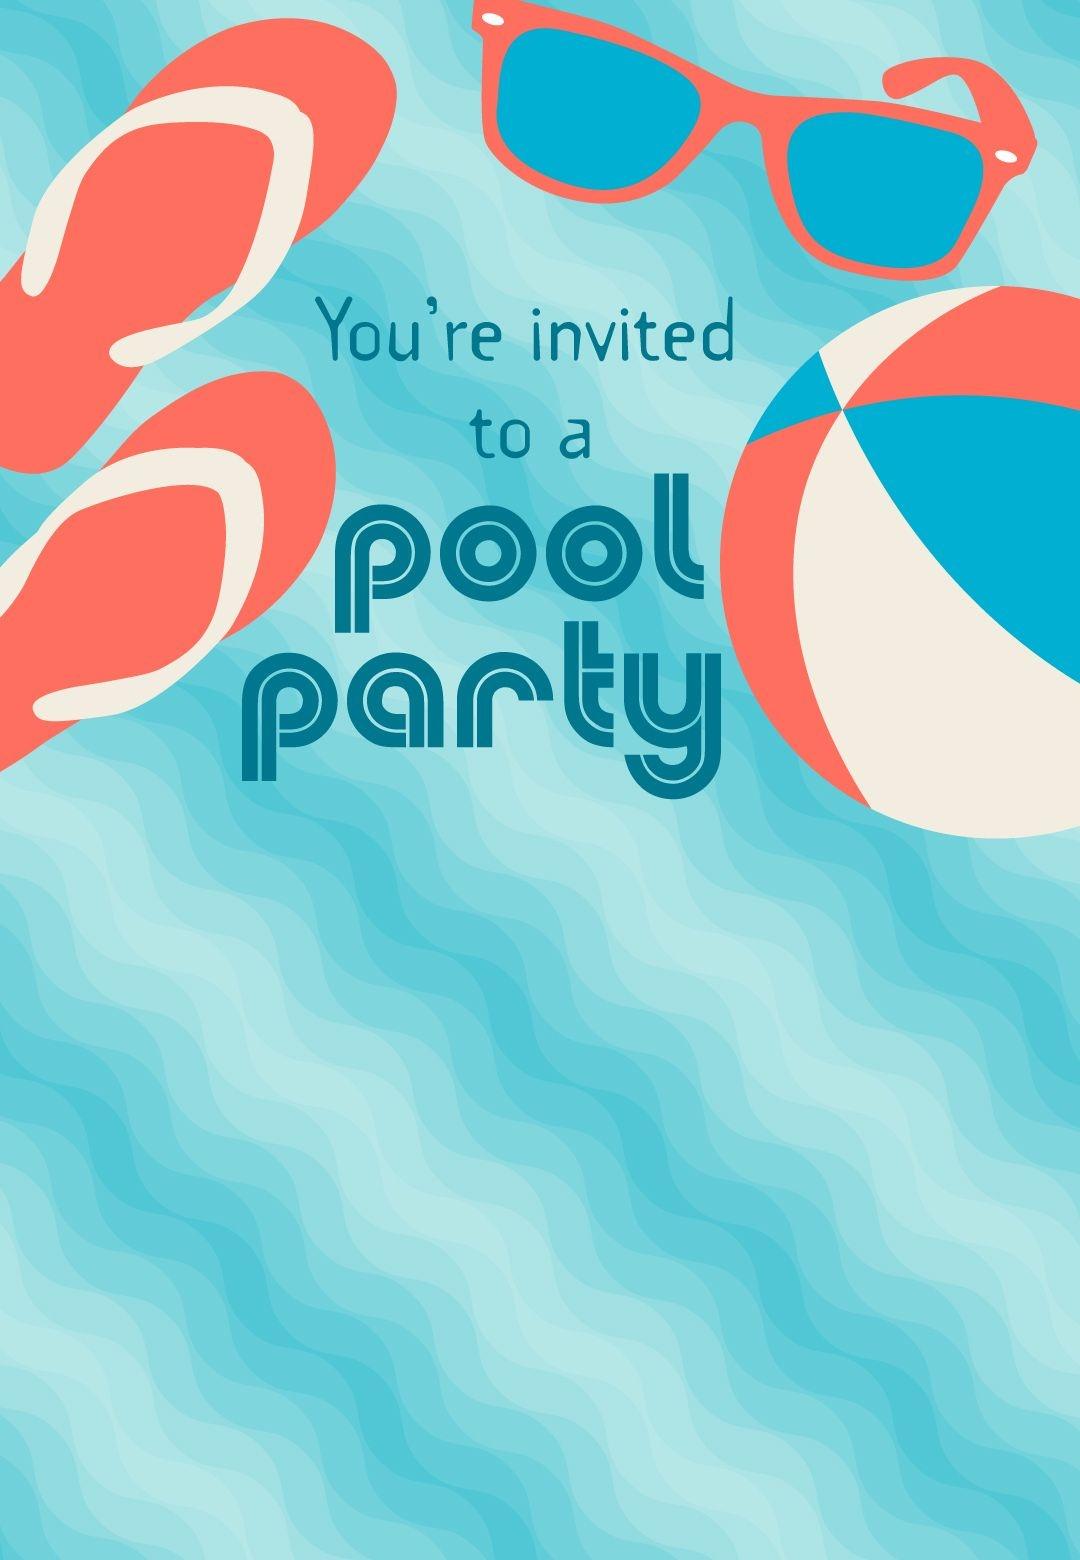 Free Printable Pool Party Stuff Invitation   Projects To Try In 2019 - Free Printable Pool Party Birthday Invitations